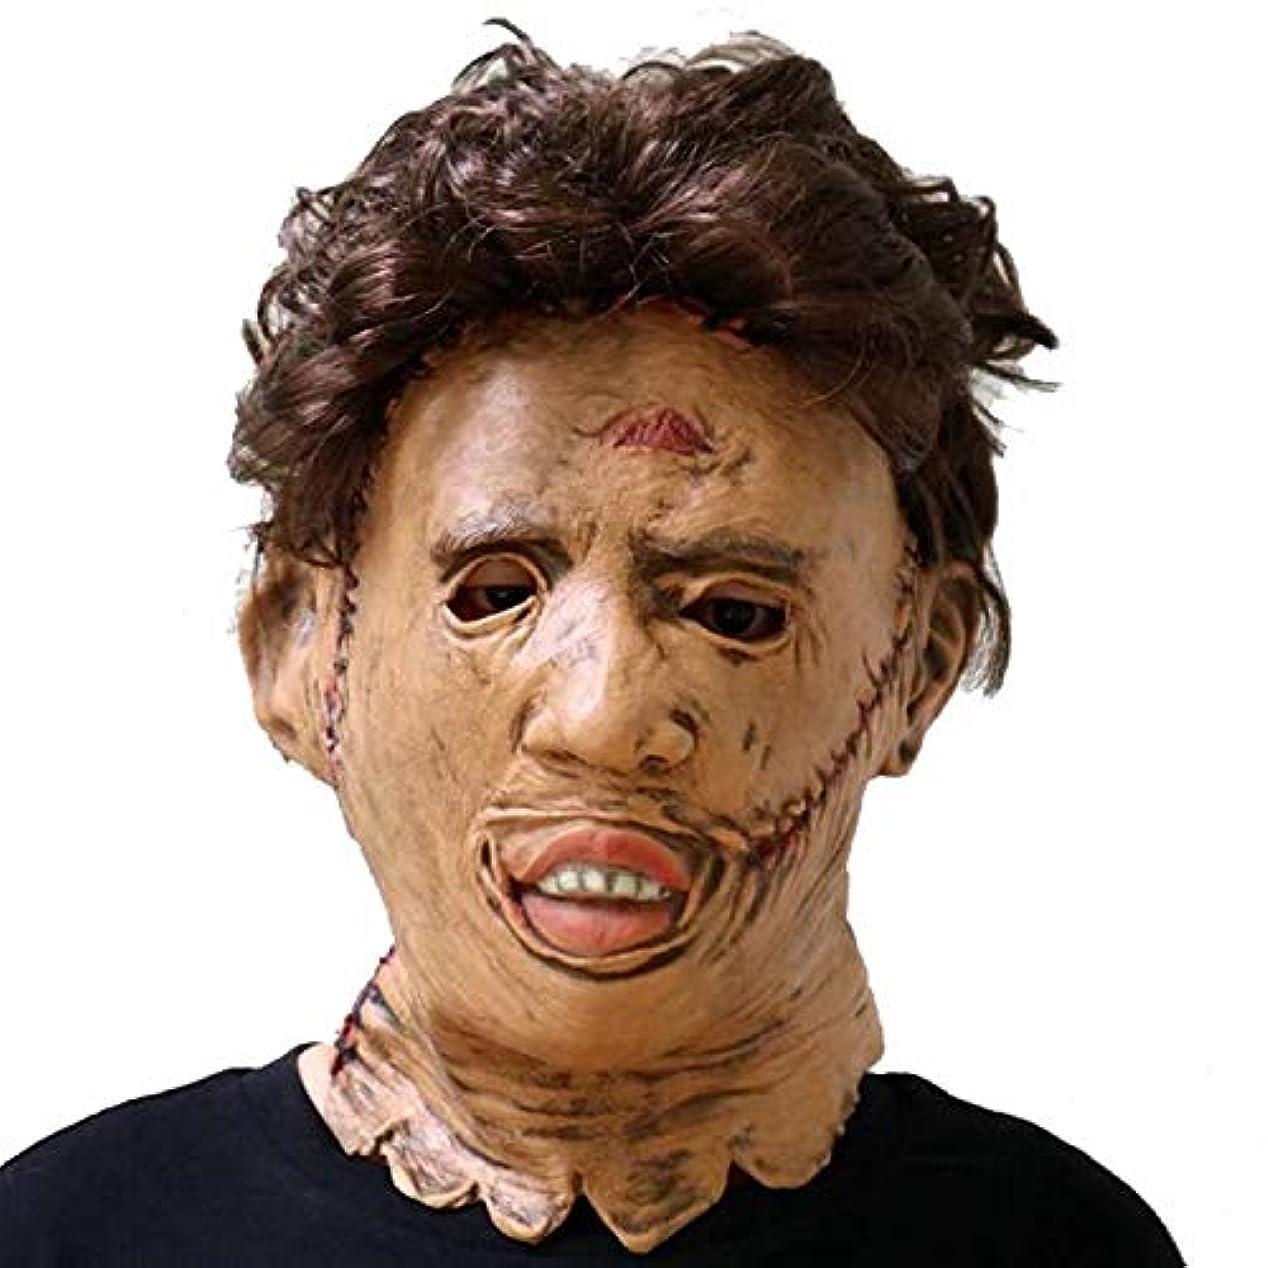 抜け目のないアリ痛いハロウィーンマスクホラーチェーンソー殺人マスクマスクの映画の小道具バーKTVプロムラテックス帽子